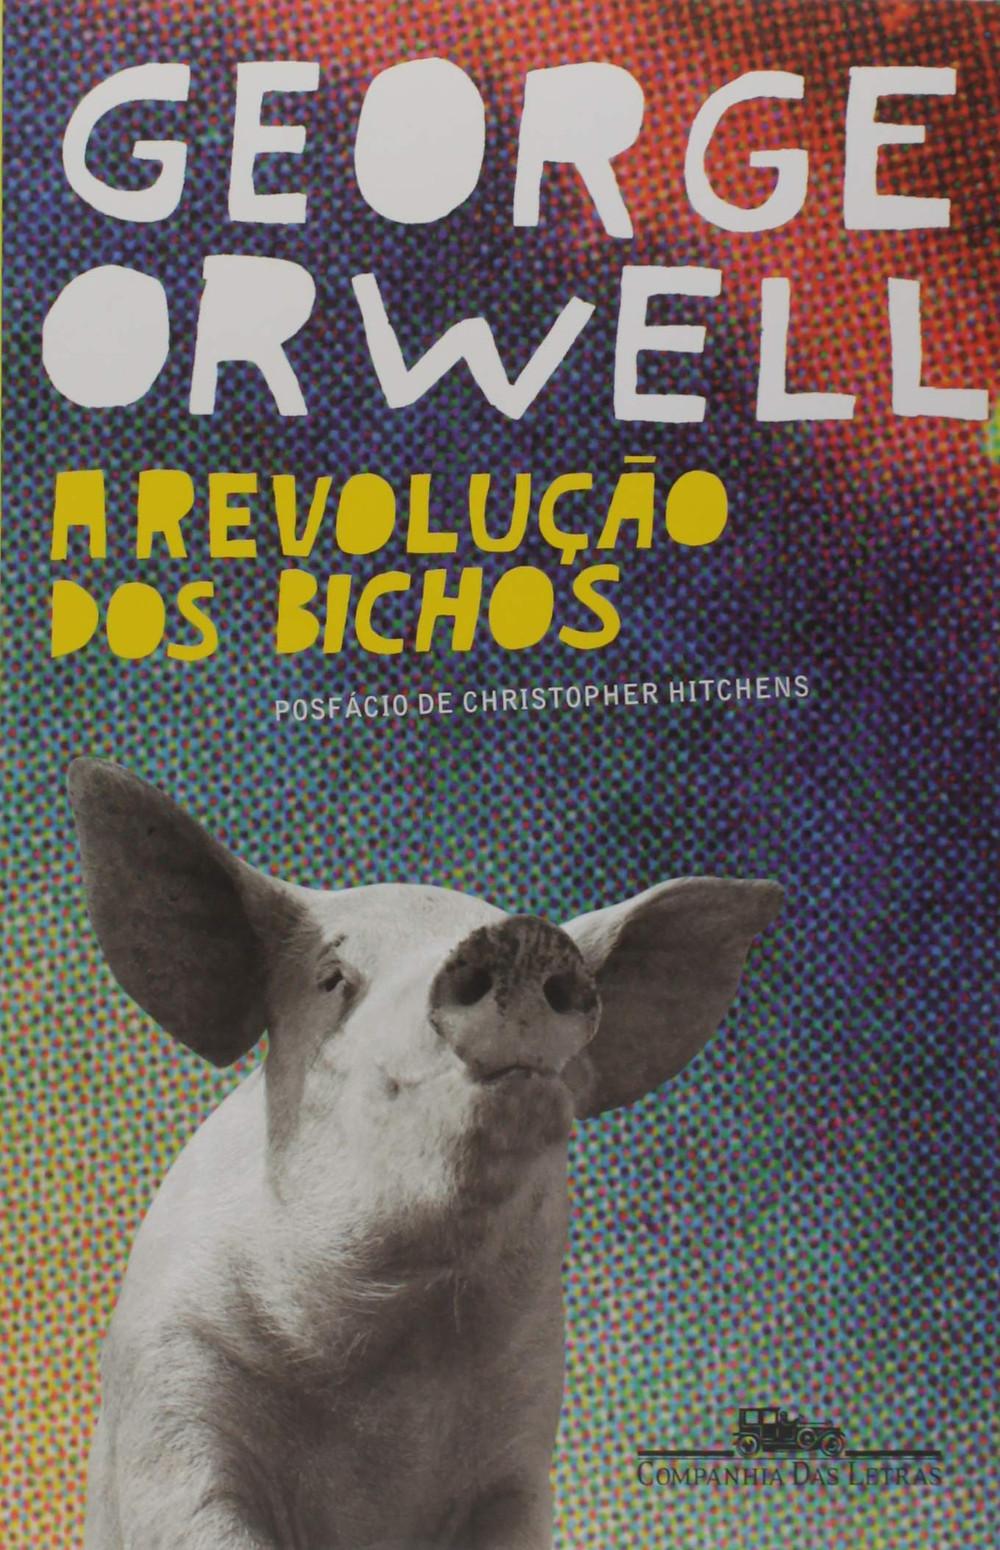 A Revolução dos Bichos de George Orwell